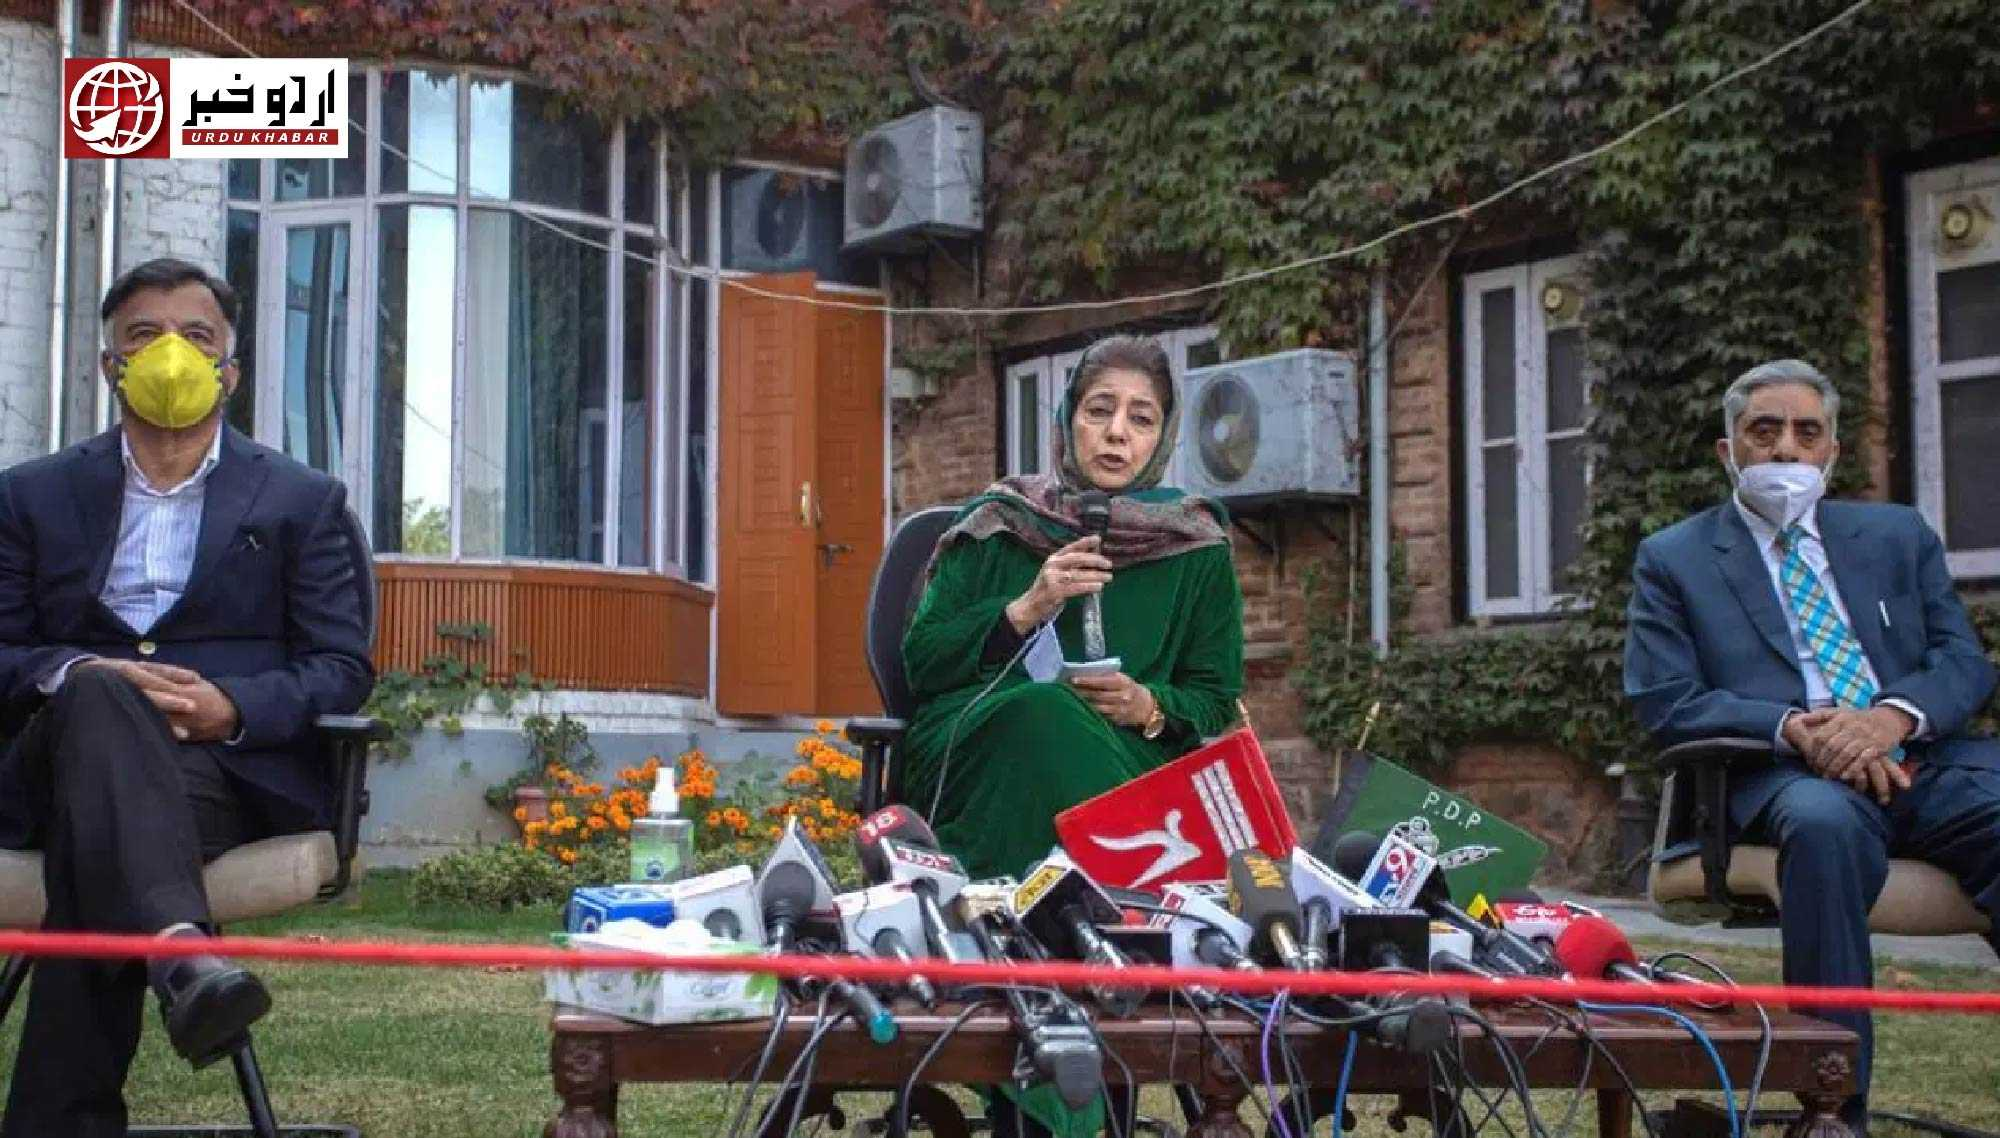 محبوبہ مفتی نے پریس کانفرنس کے دوران انڈین پرچم کو اٹھانے سے انکار کر دیا